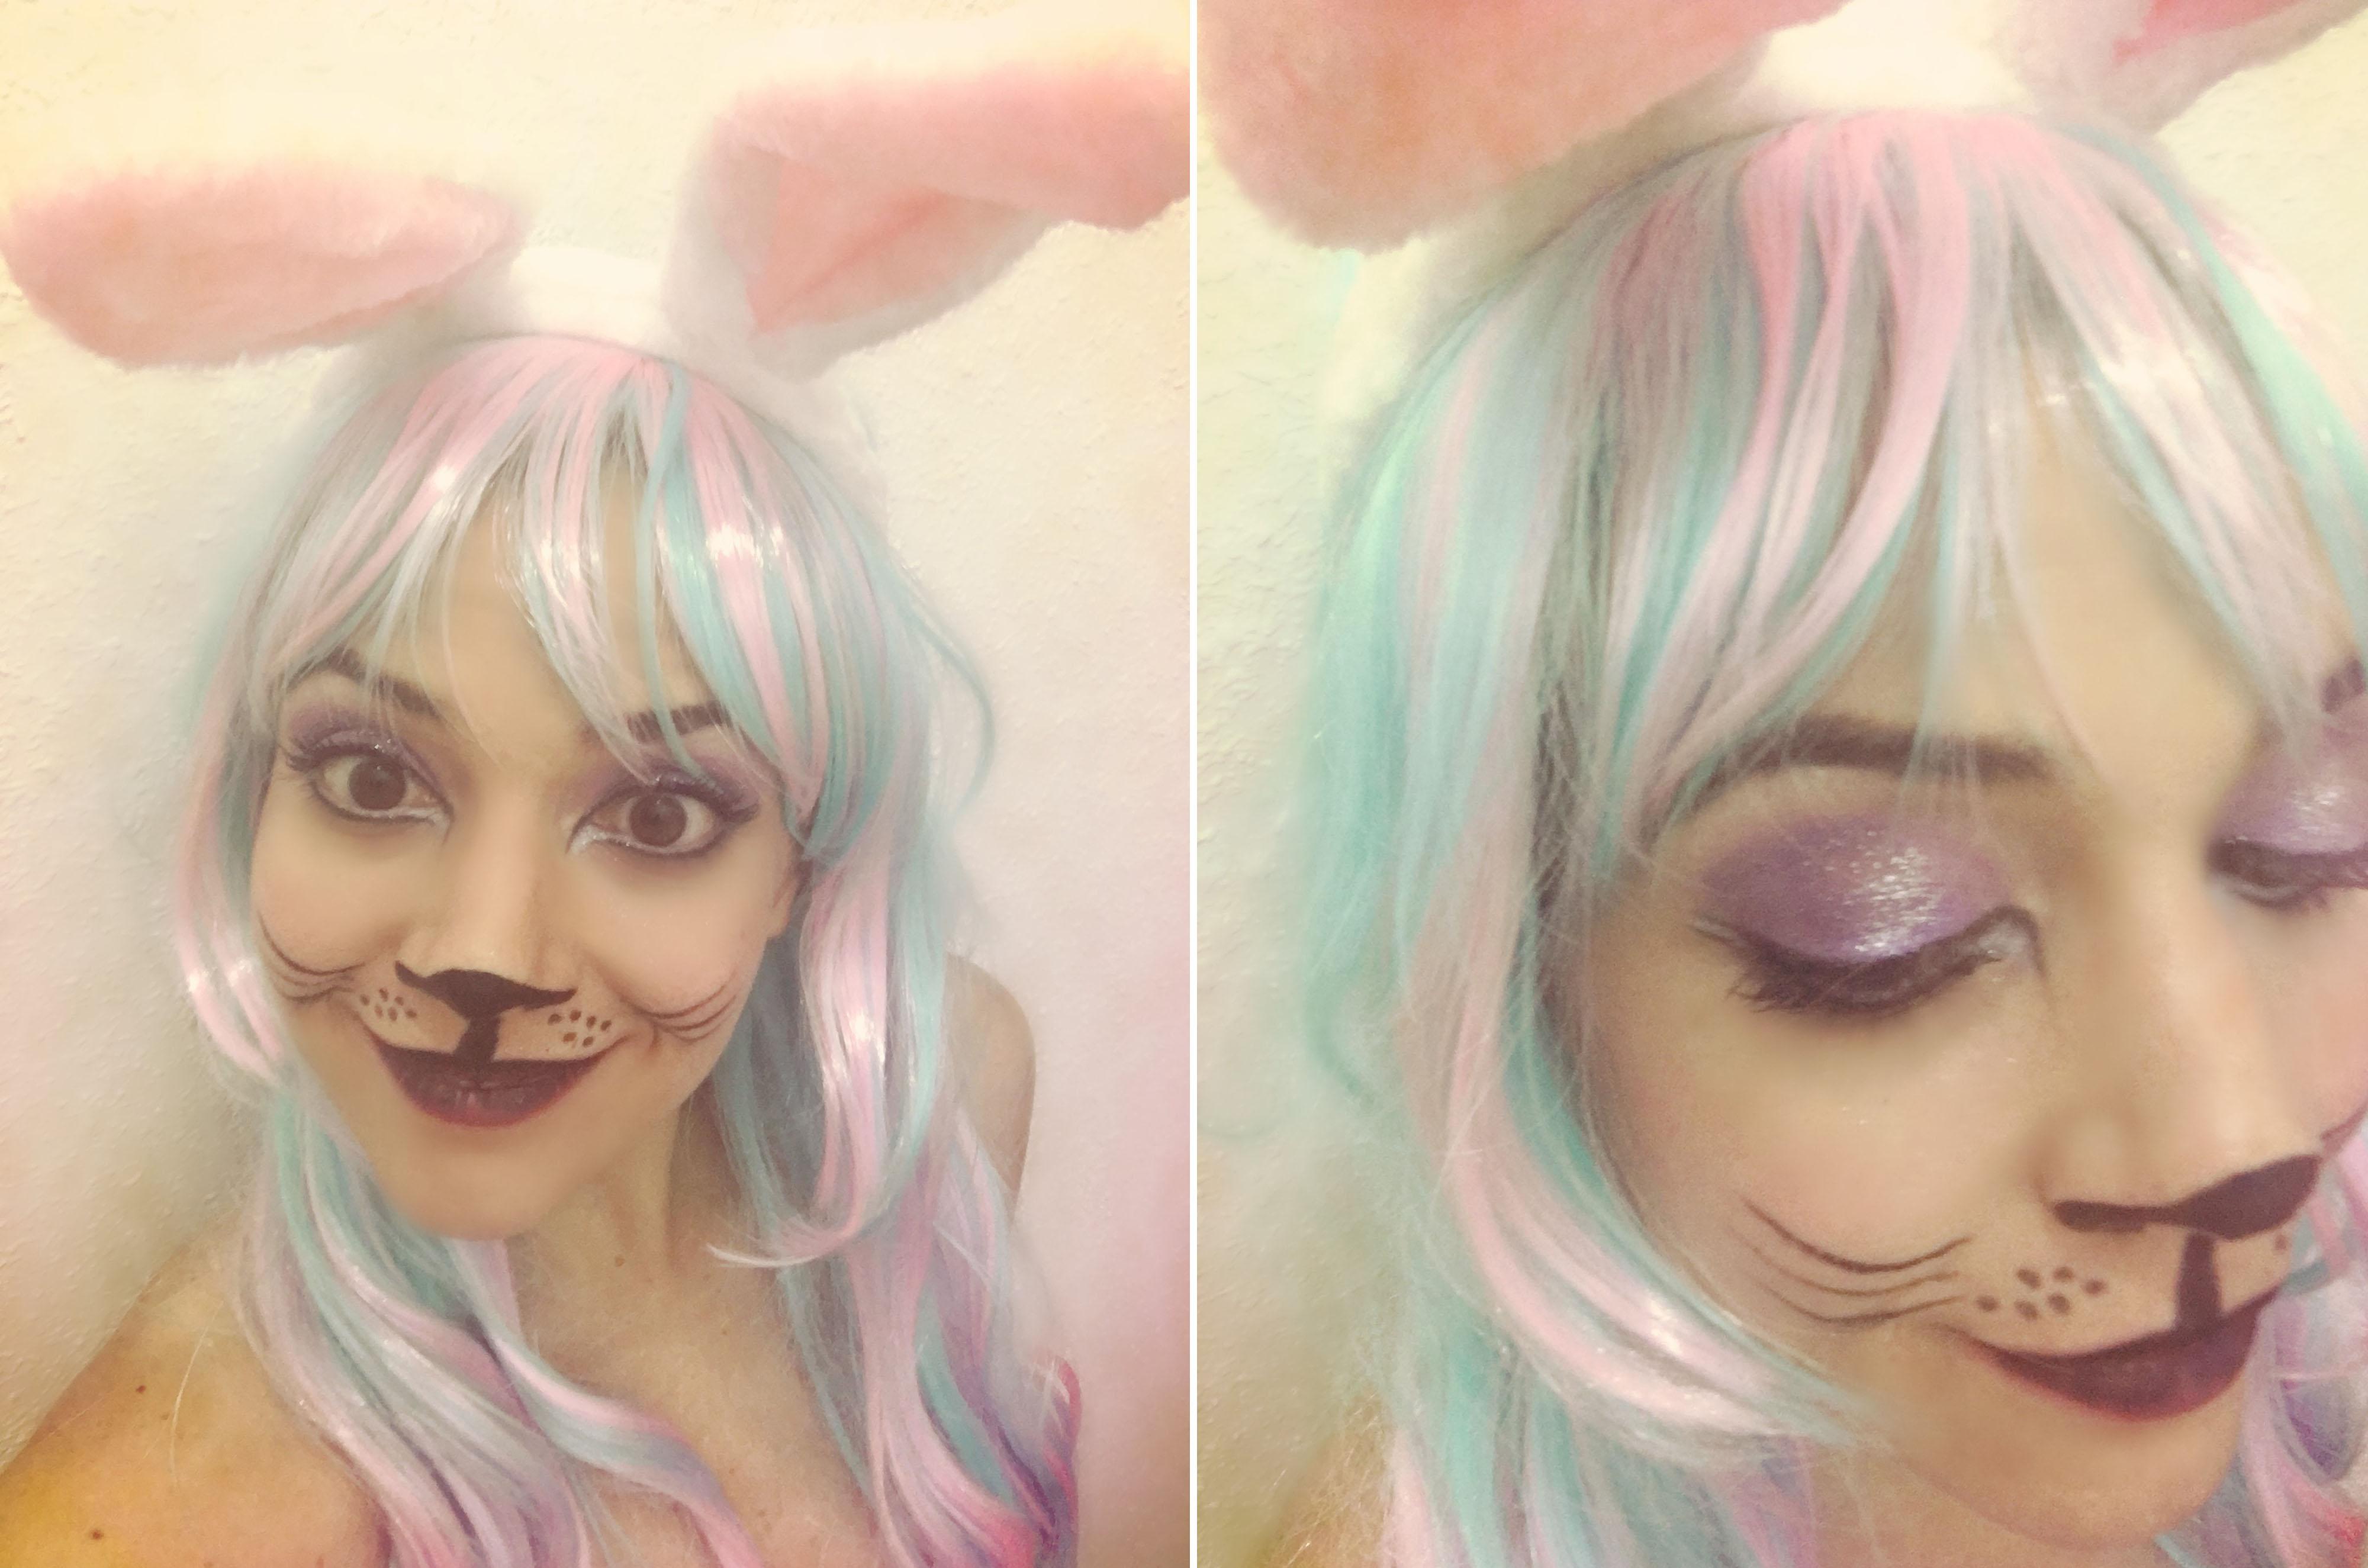 chicadicta-blog-de-moda-chic-adicta-fashionista-regina-capdevila-maquilladora-profesional-maquillaje-de-conejita-halloween-nyx-piensaenchic-piensa-en-chic